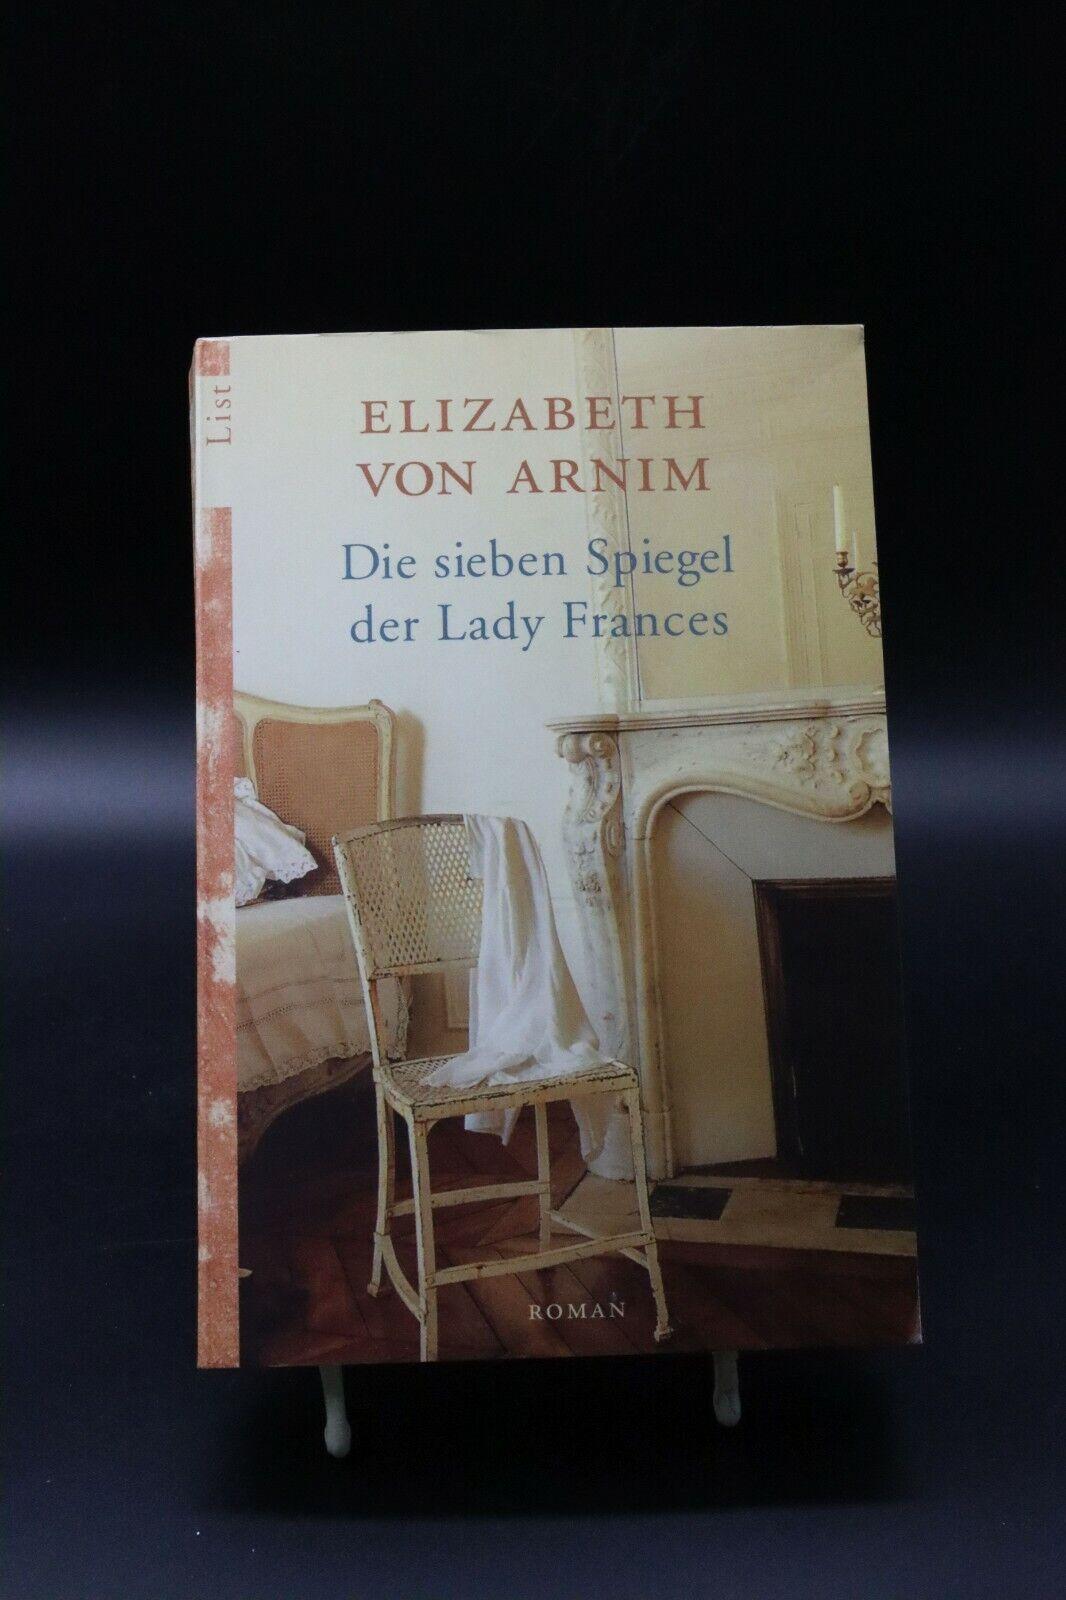 Elizabeth von Arnim - Die sieben Spiegel der Lady Frances - Elizabeth von Arnim